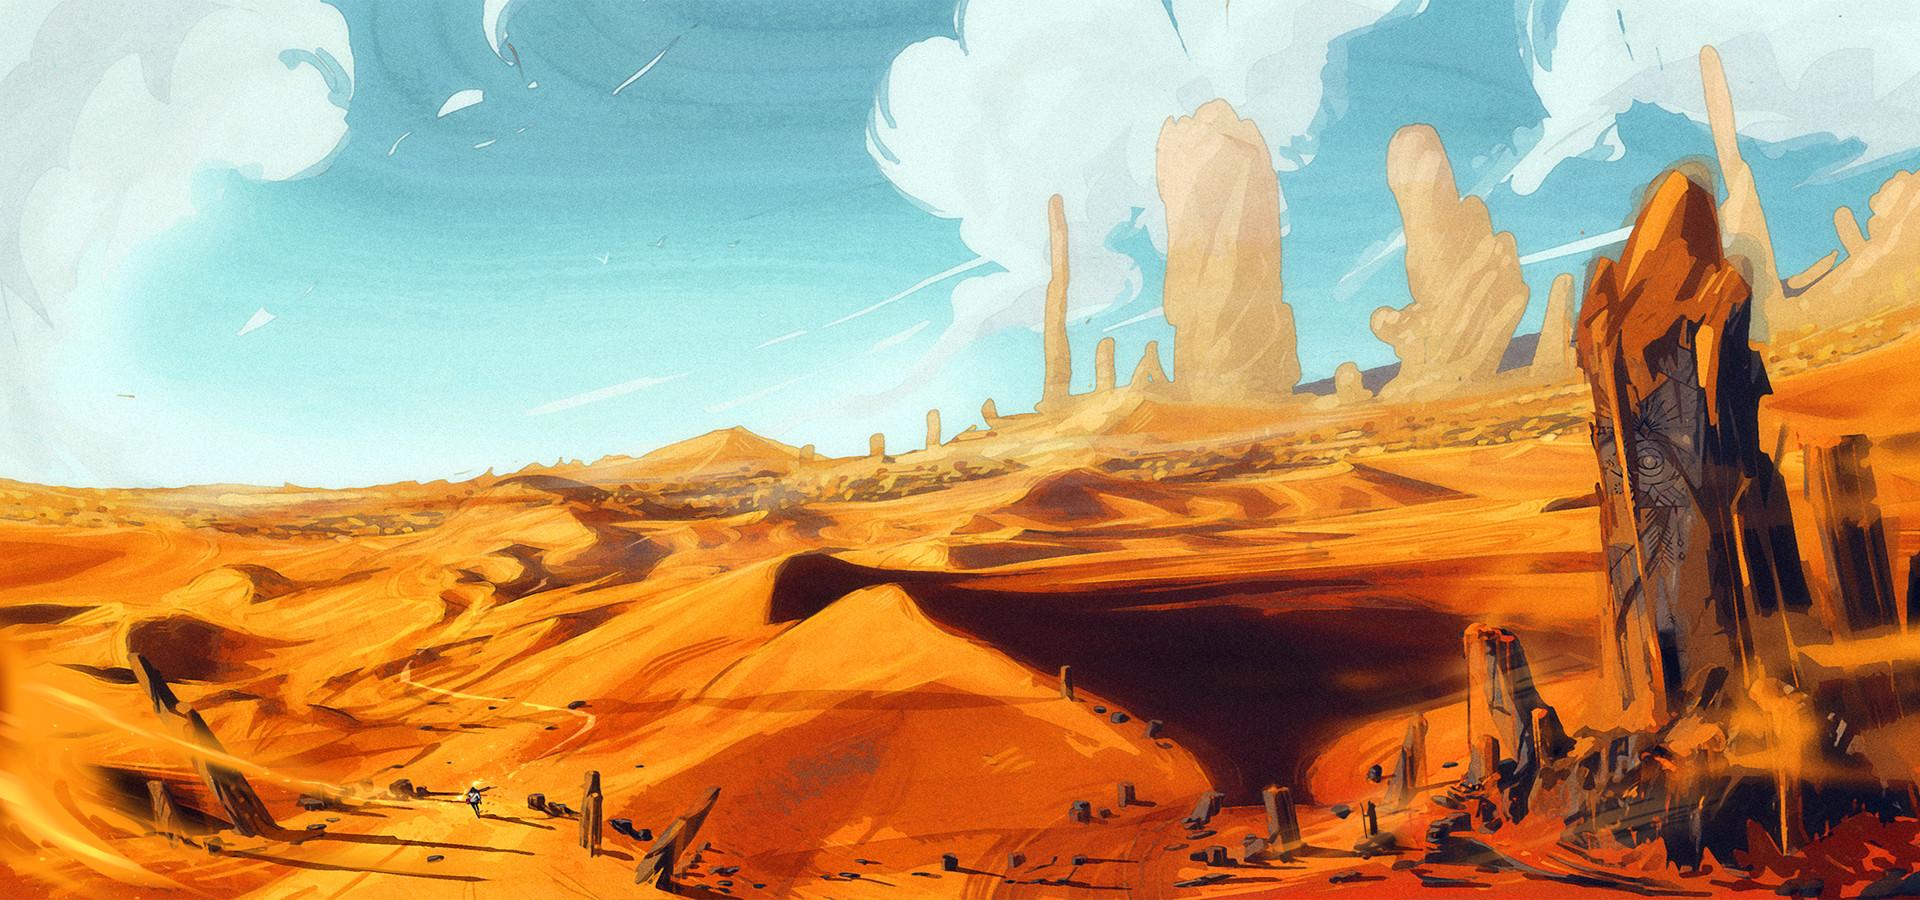 Inspired in the Peru Deserts